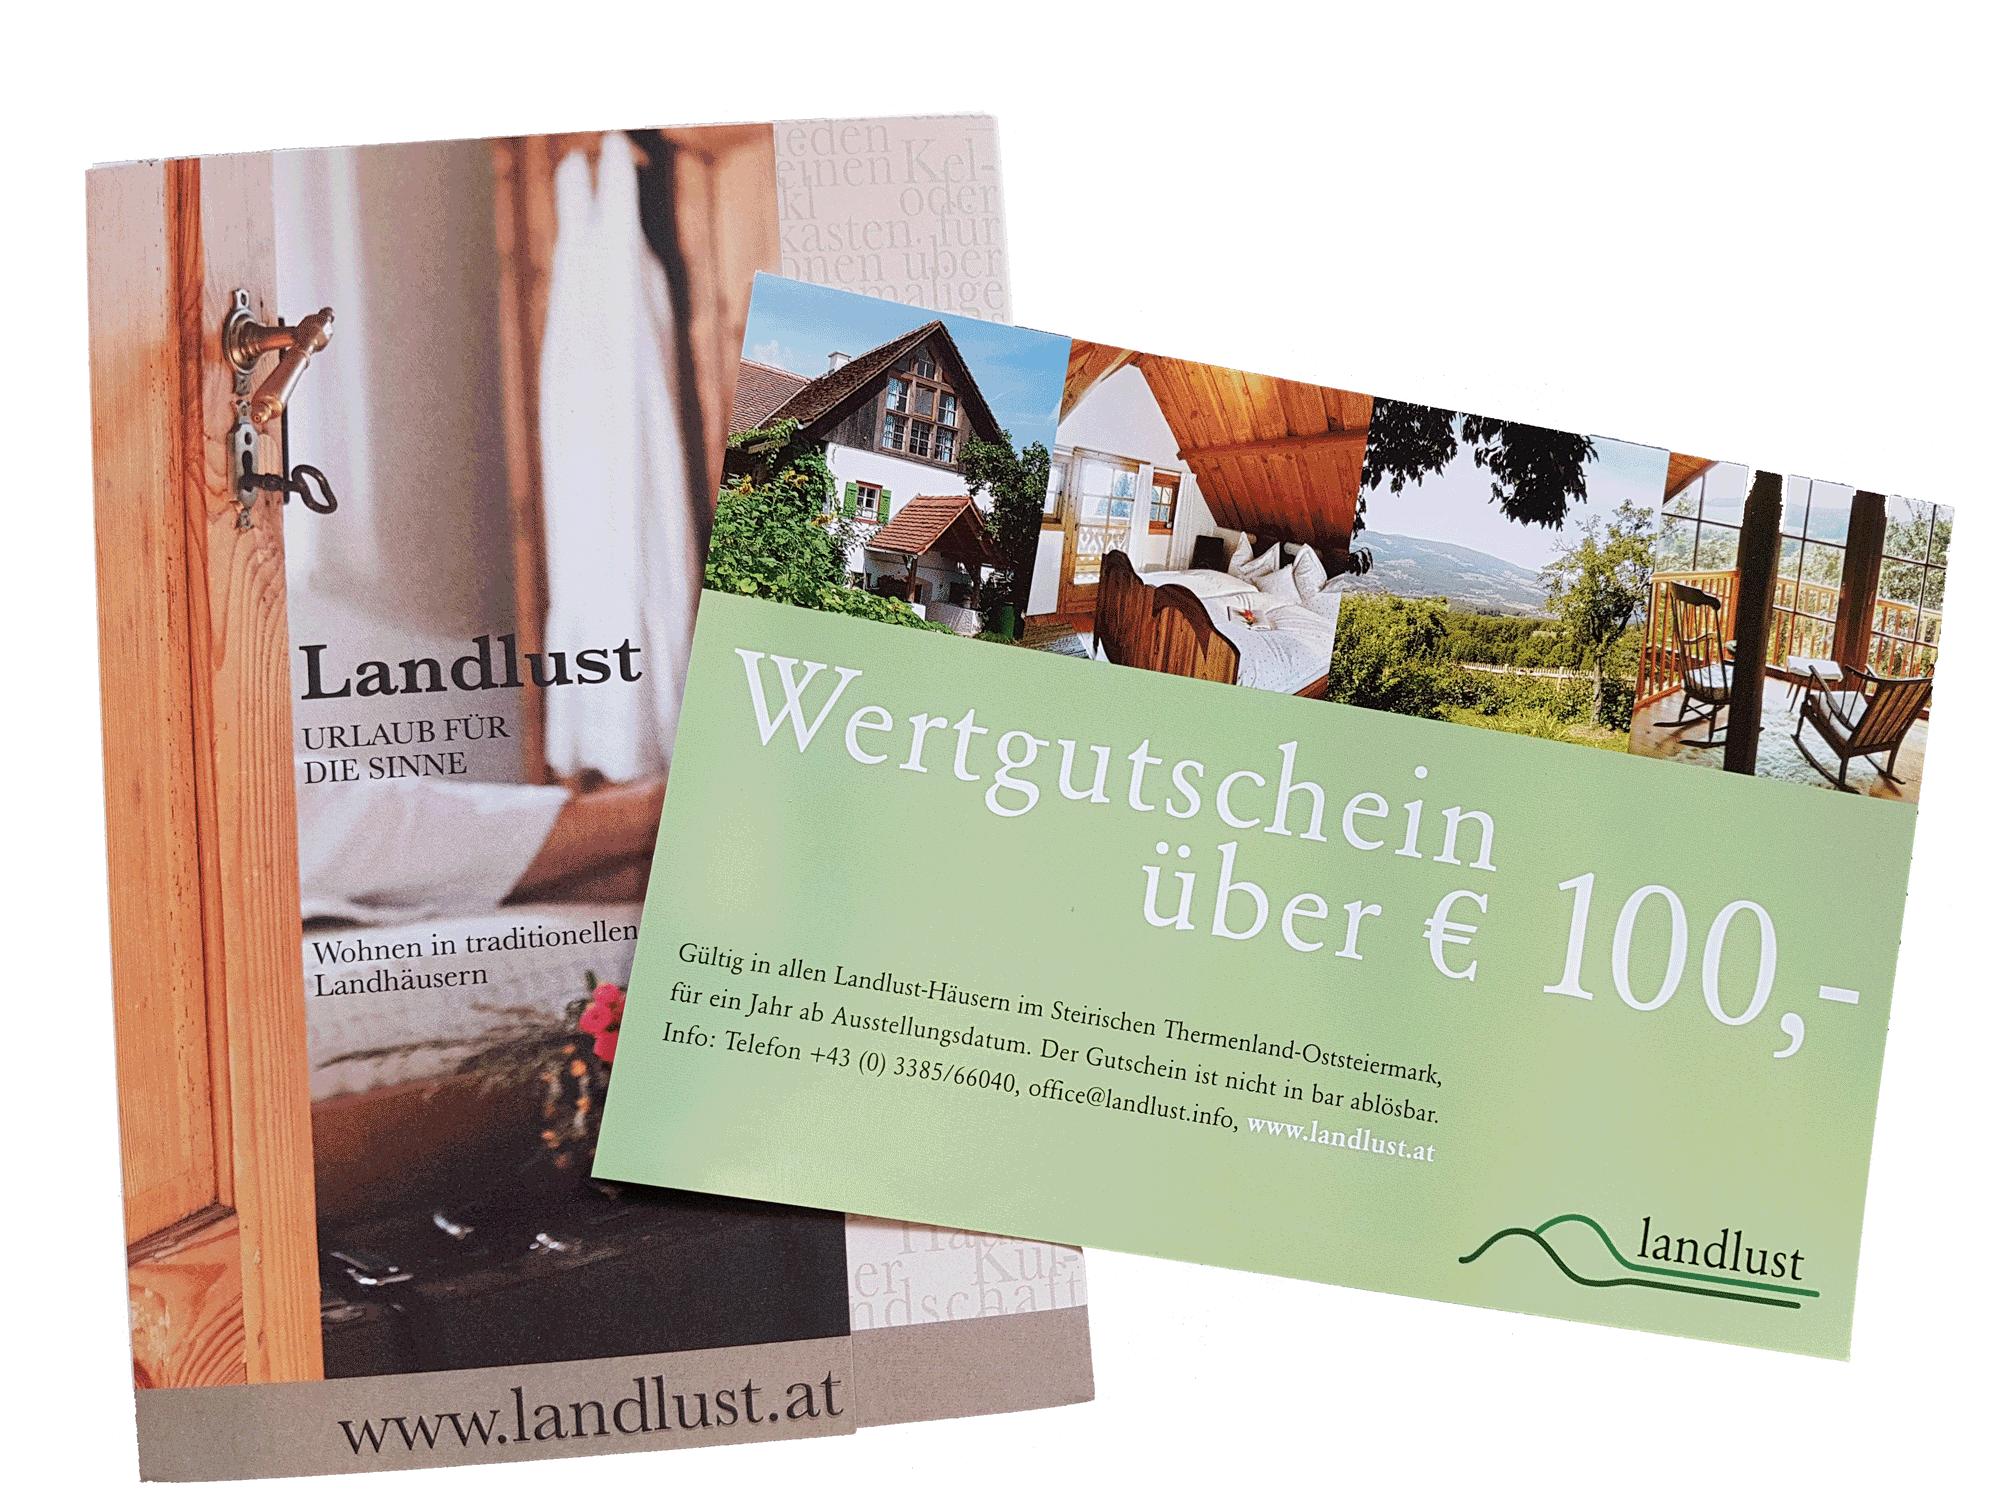 Landlust-Wertgutschein_Urlaub_Ferienhaus_Steiermark